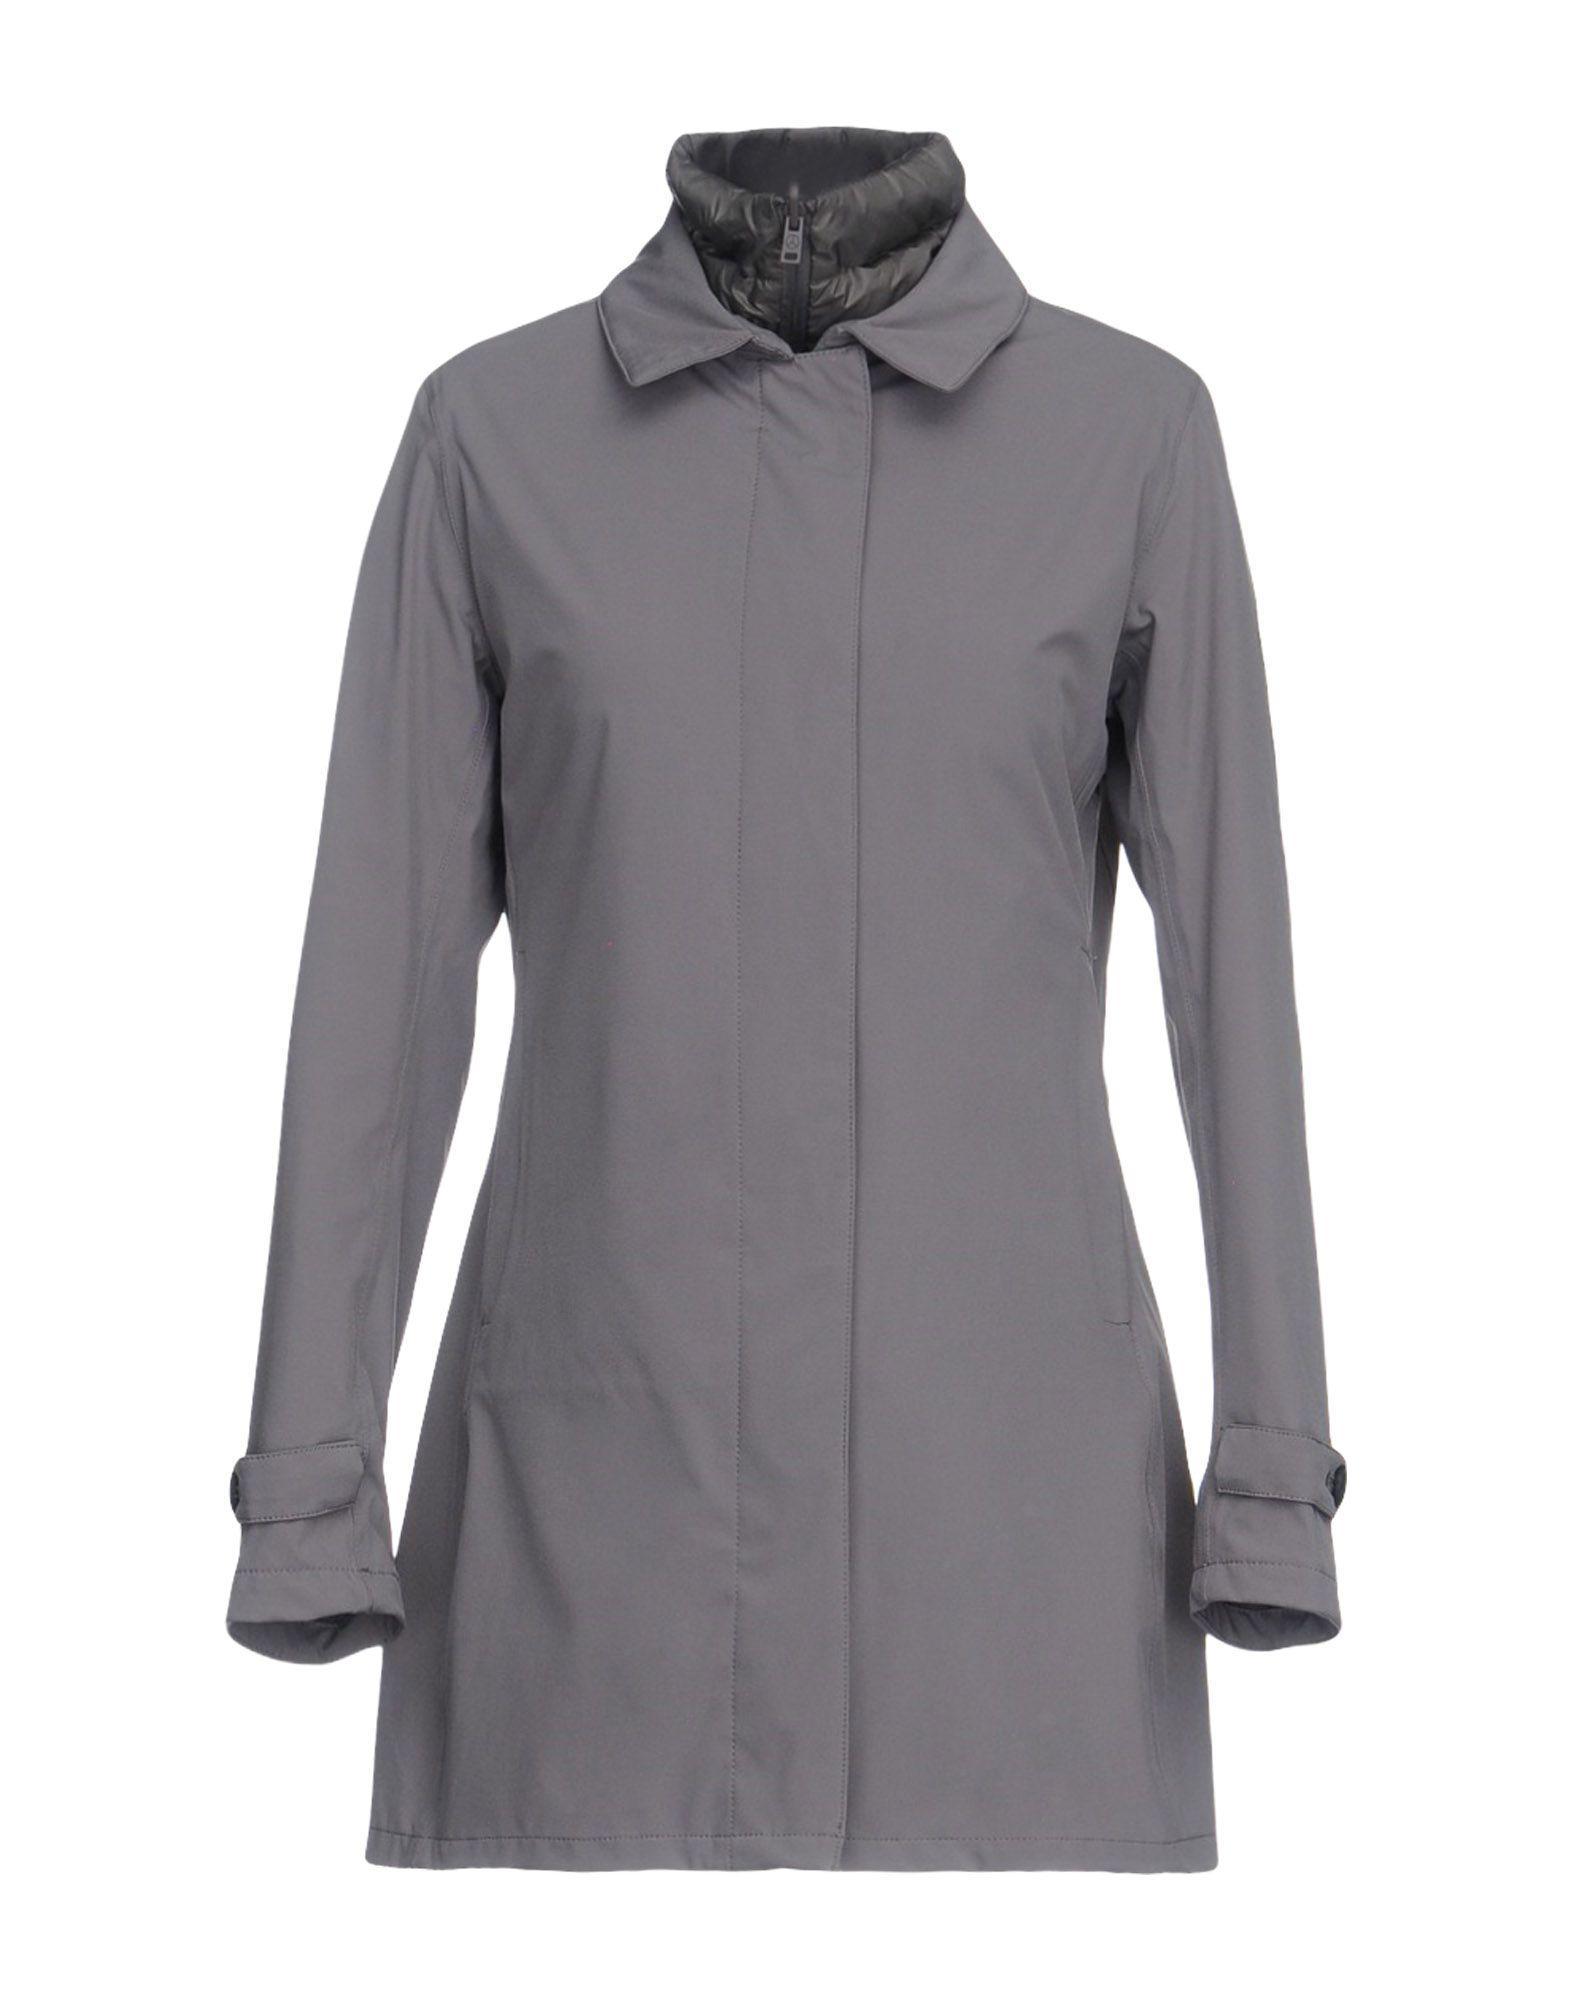 People Of Shibuya Full-length Jacket In Grey